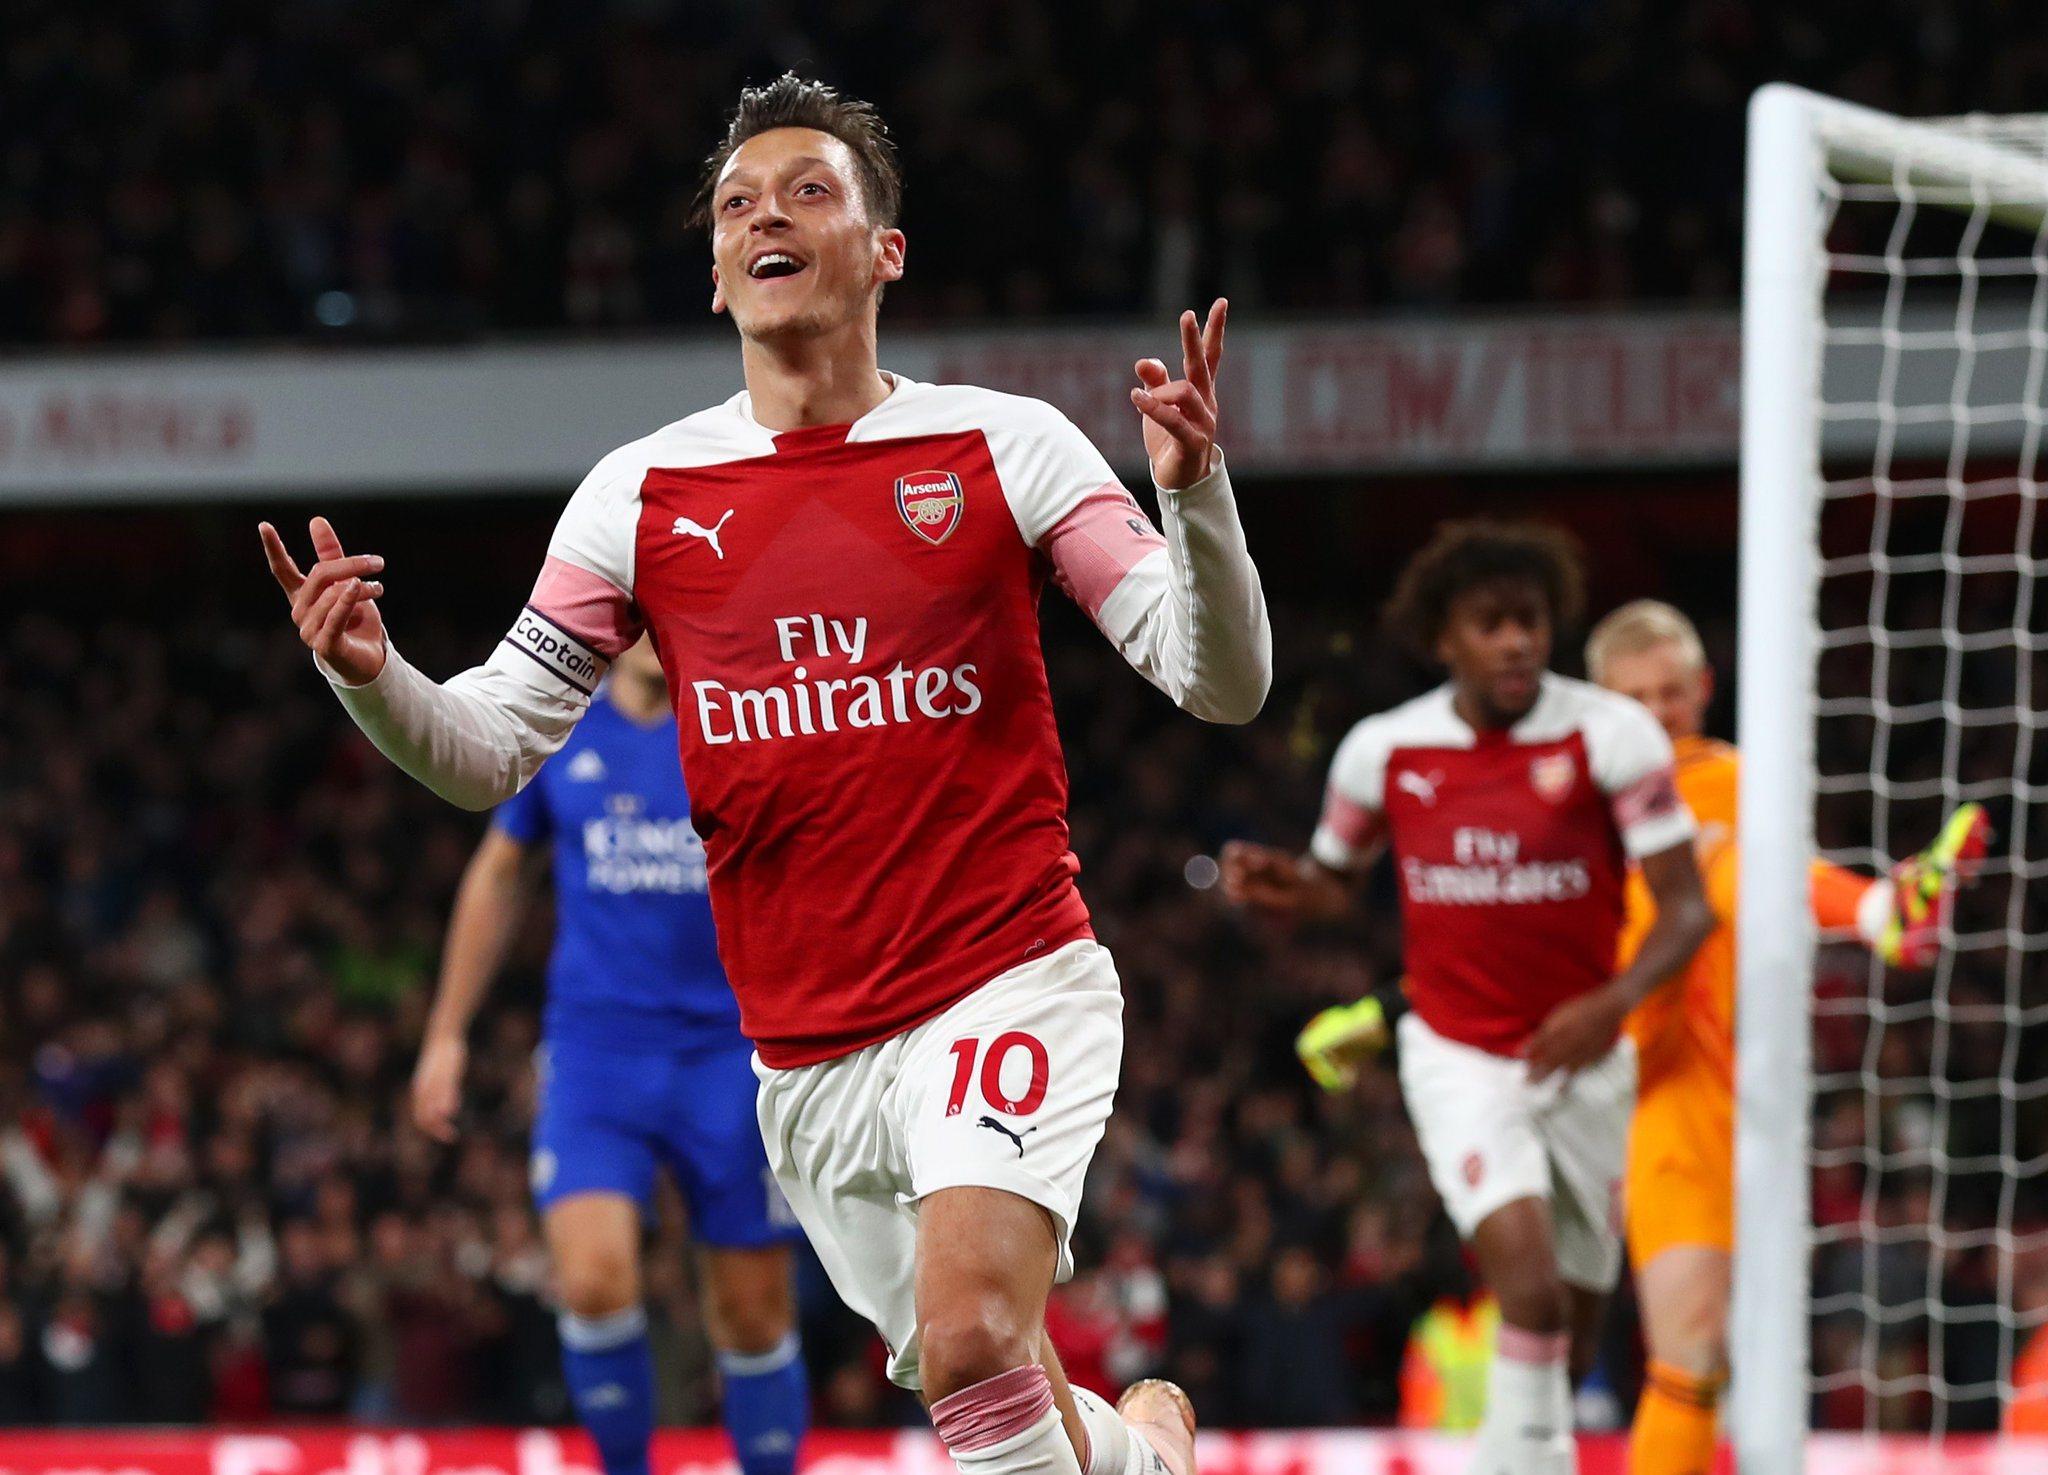 صور | أرسنال يفوز على ليستر بثلاثية ويقفز للمربع الذهبىفي الدوري الإنجليزي